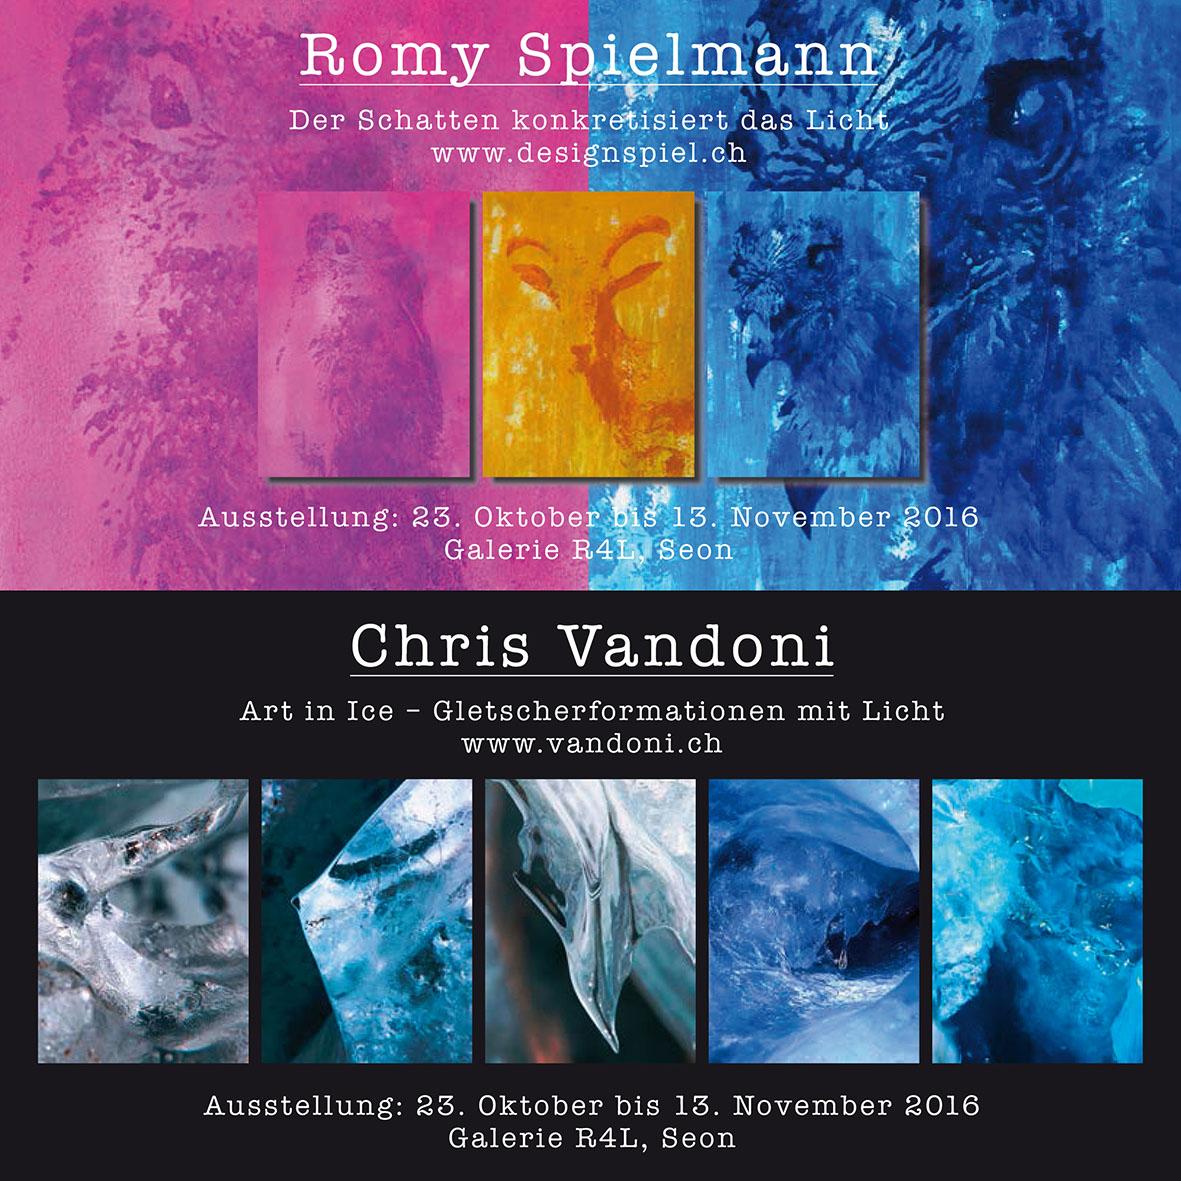 Kunstausstellung Romy Spielmann & Chris Vandoni